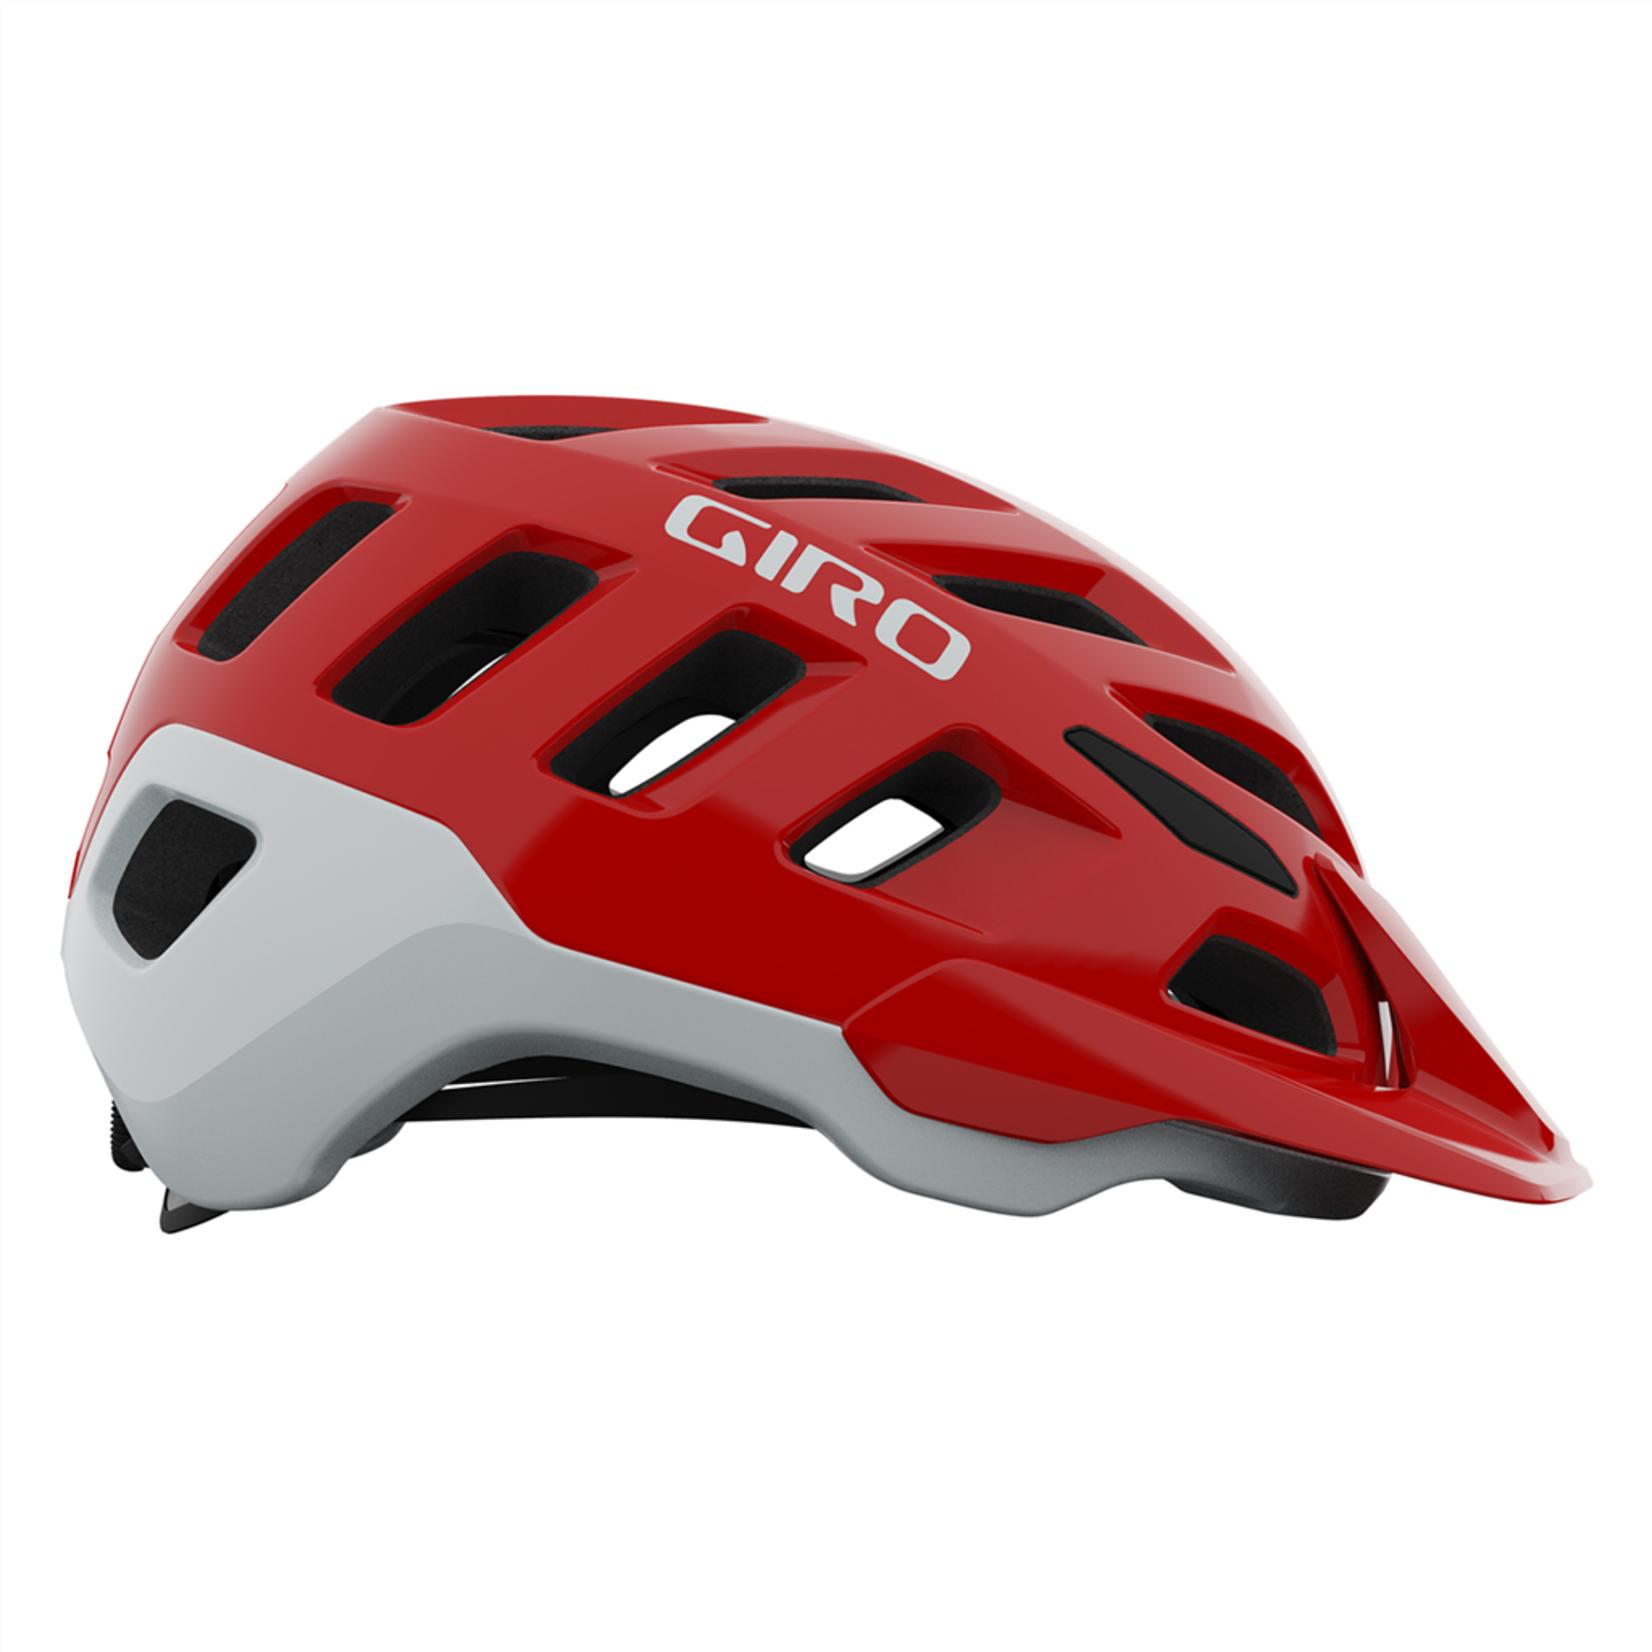 Giro Cycling Giro Helme Radix MIPS trim red